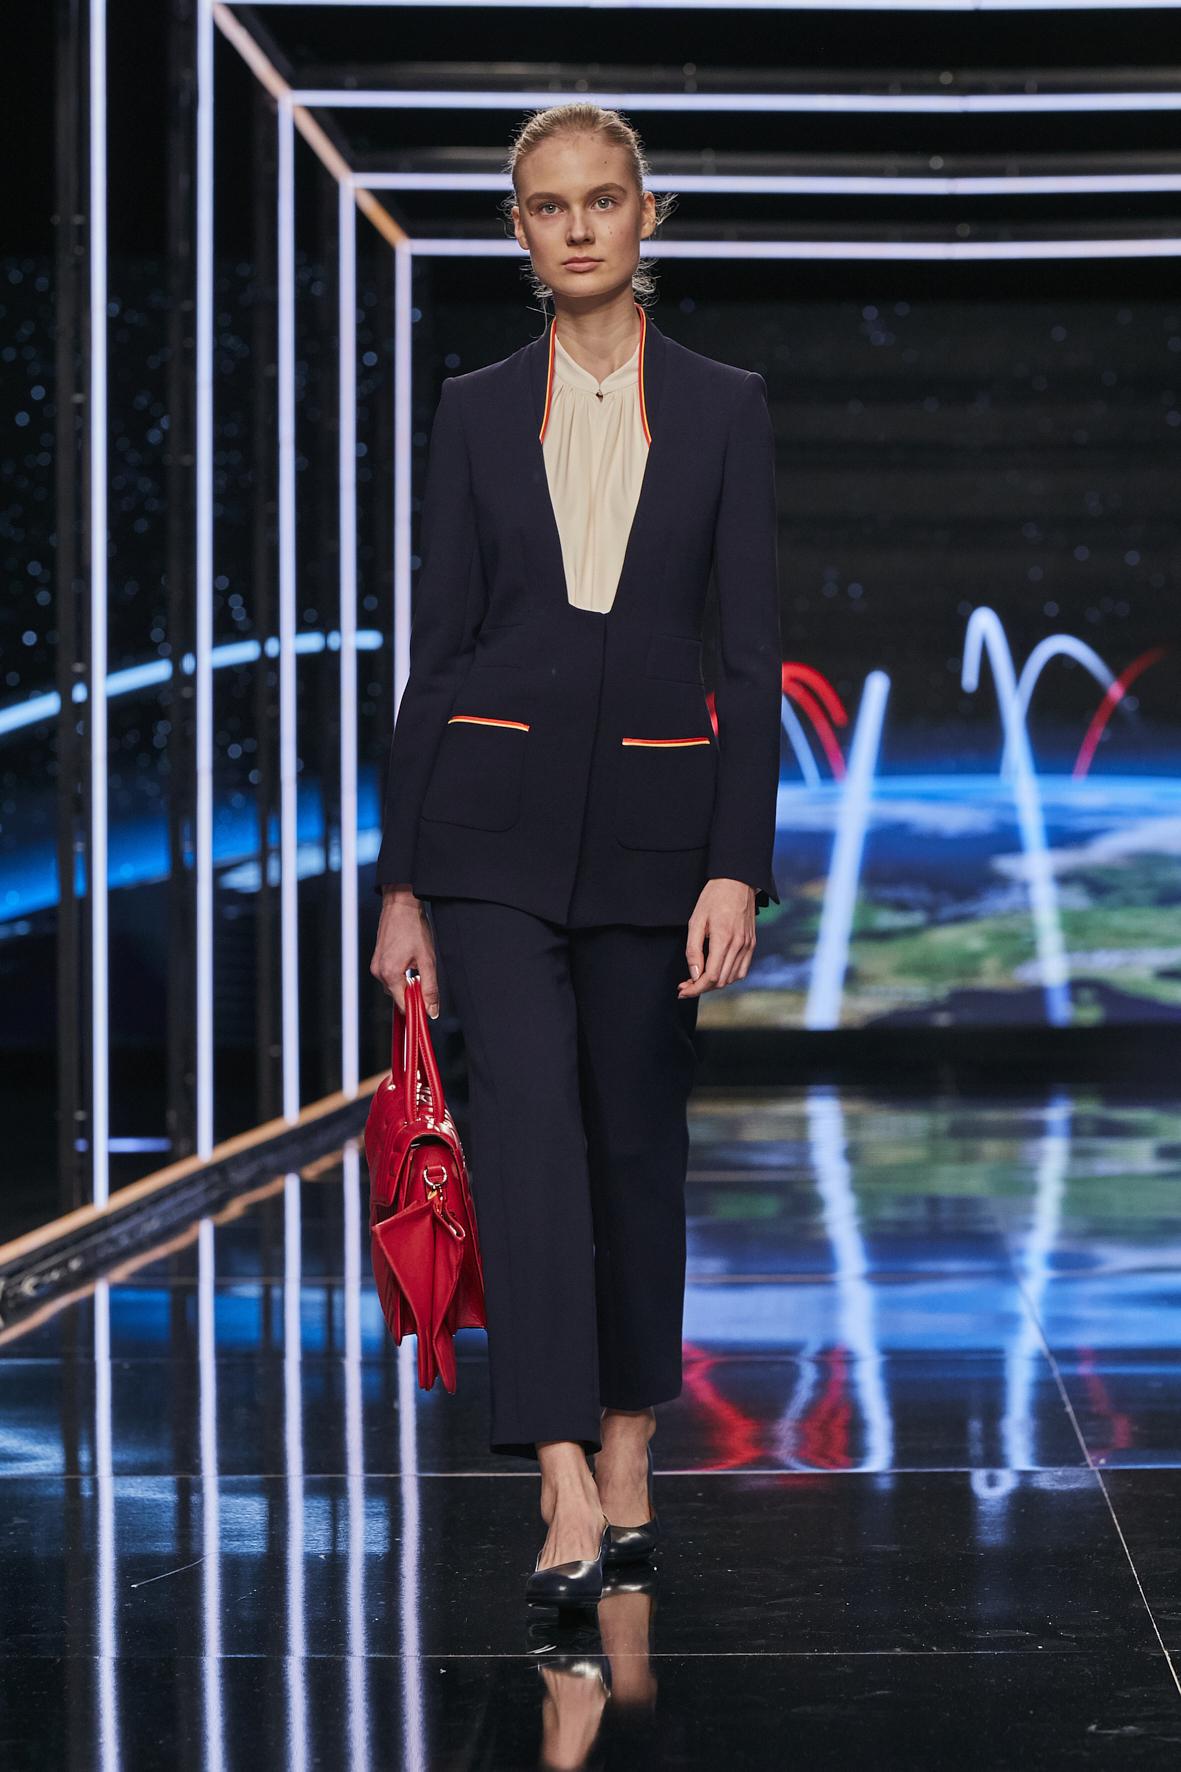 Iberia presenta los uniformes diseñados por Teresa Helbig en MBFWM